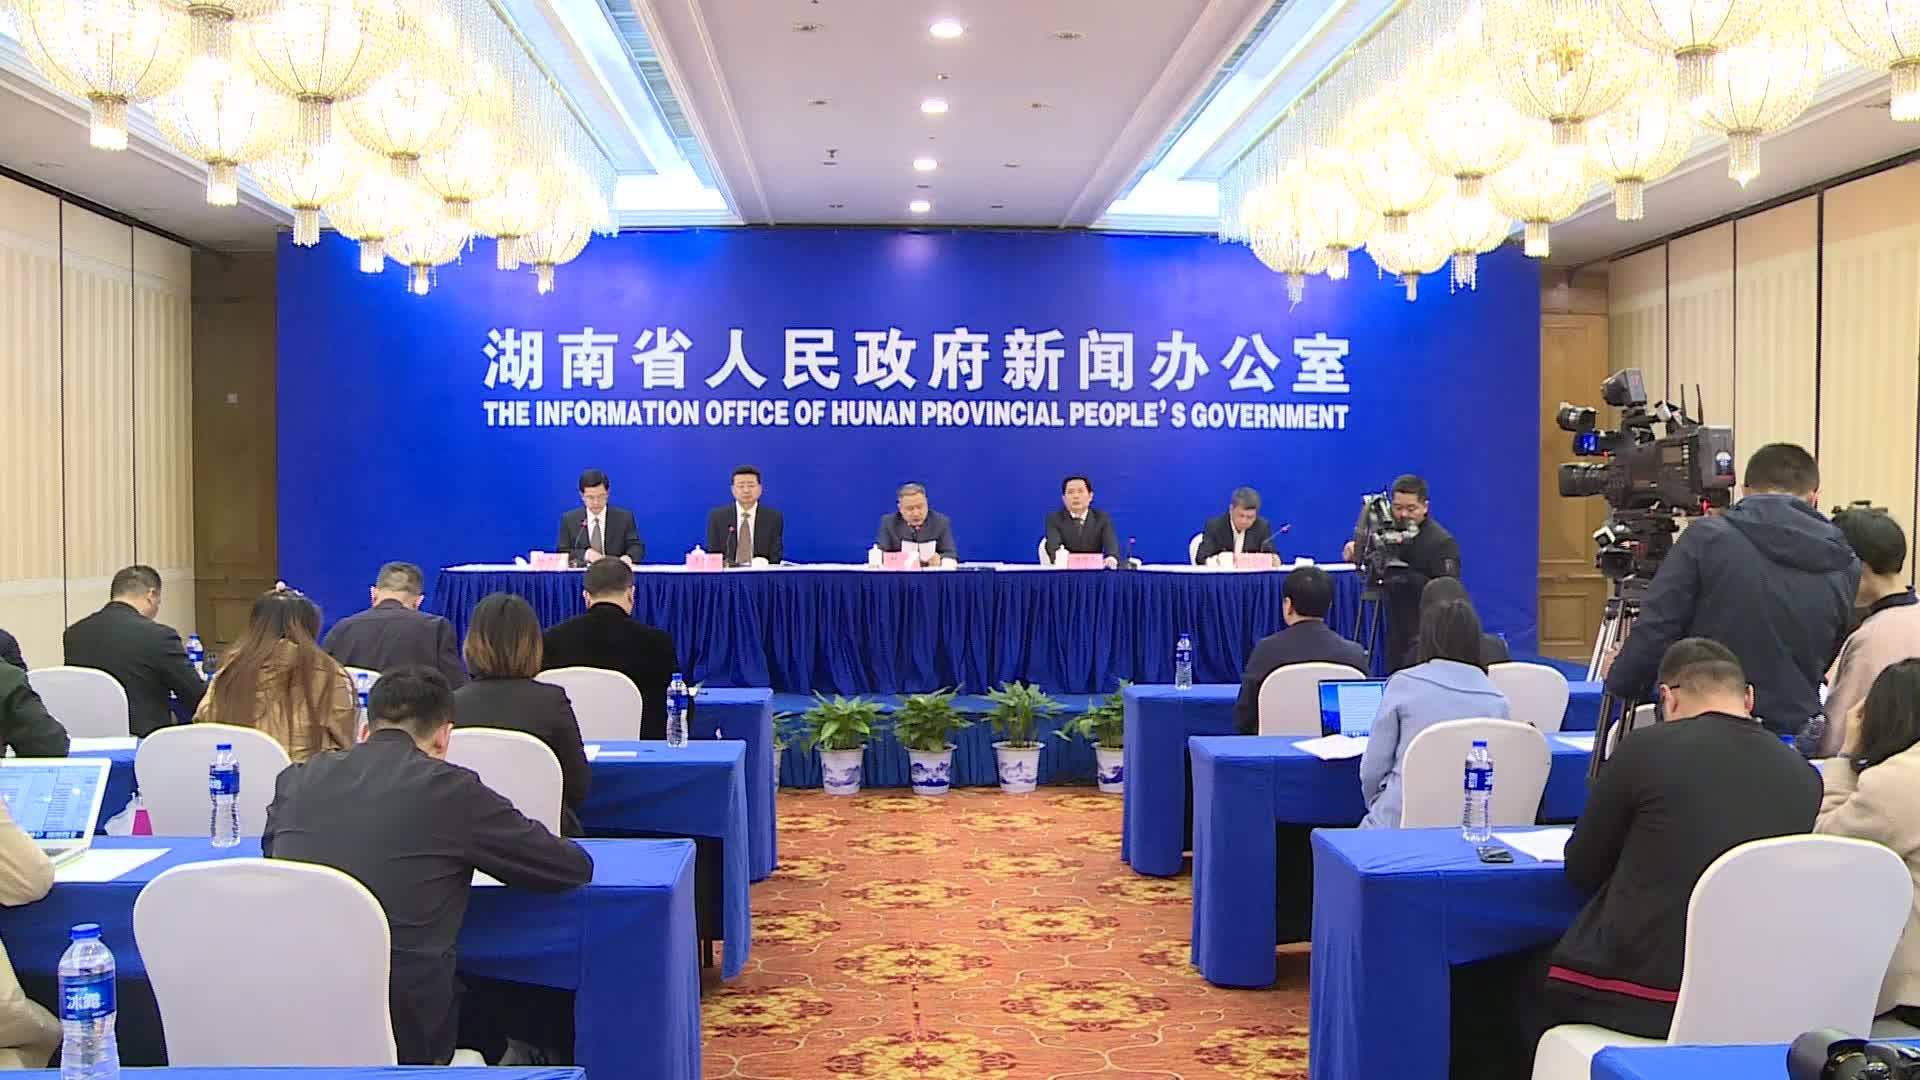 好消息!湖南省社会保险费率降低啦!